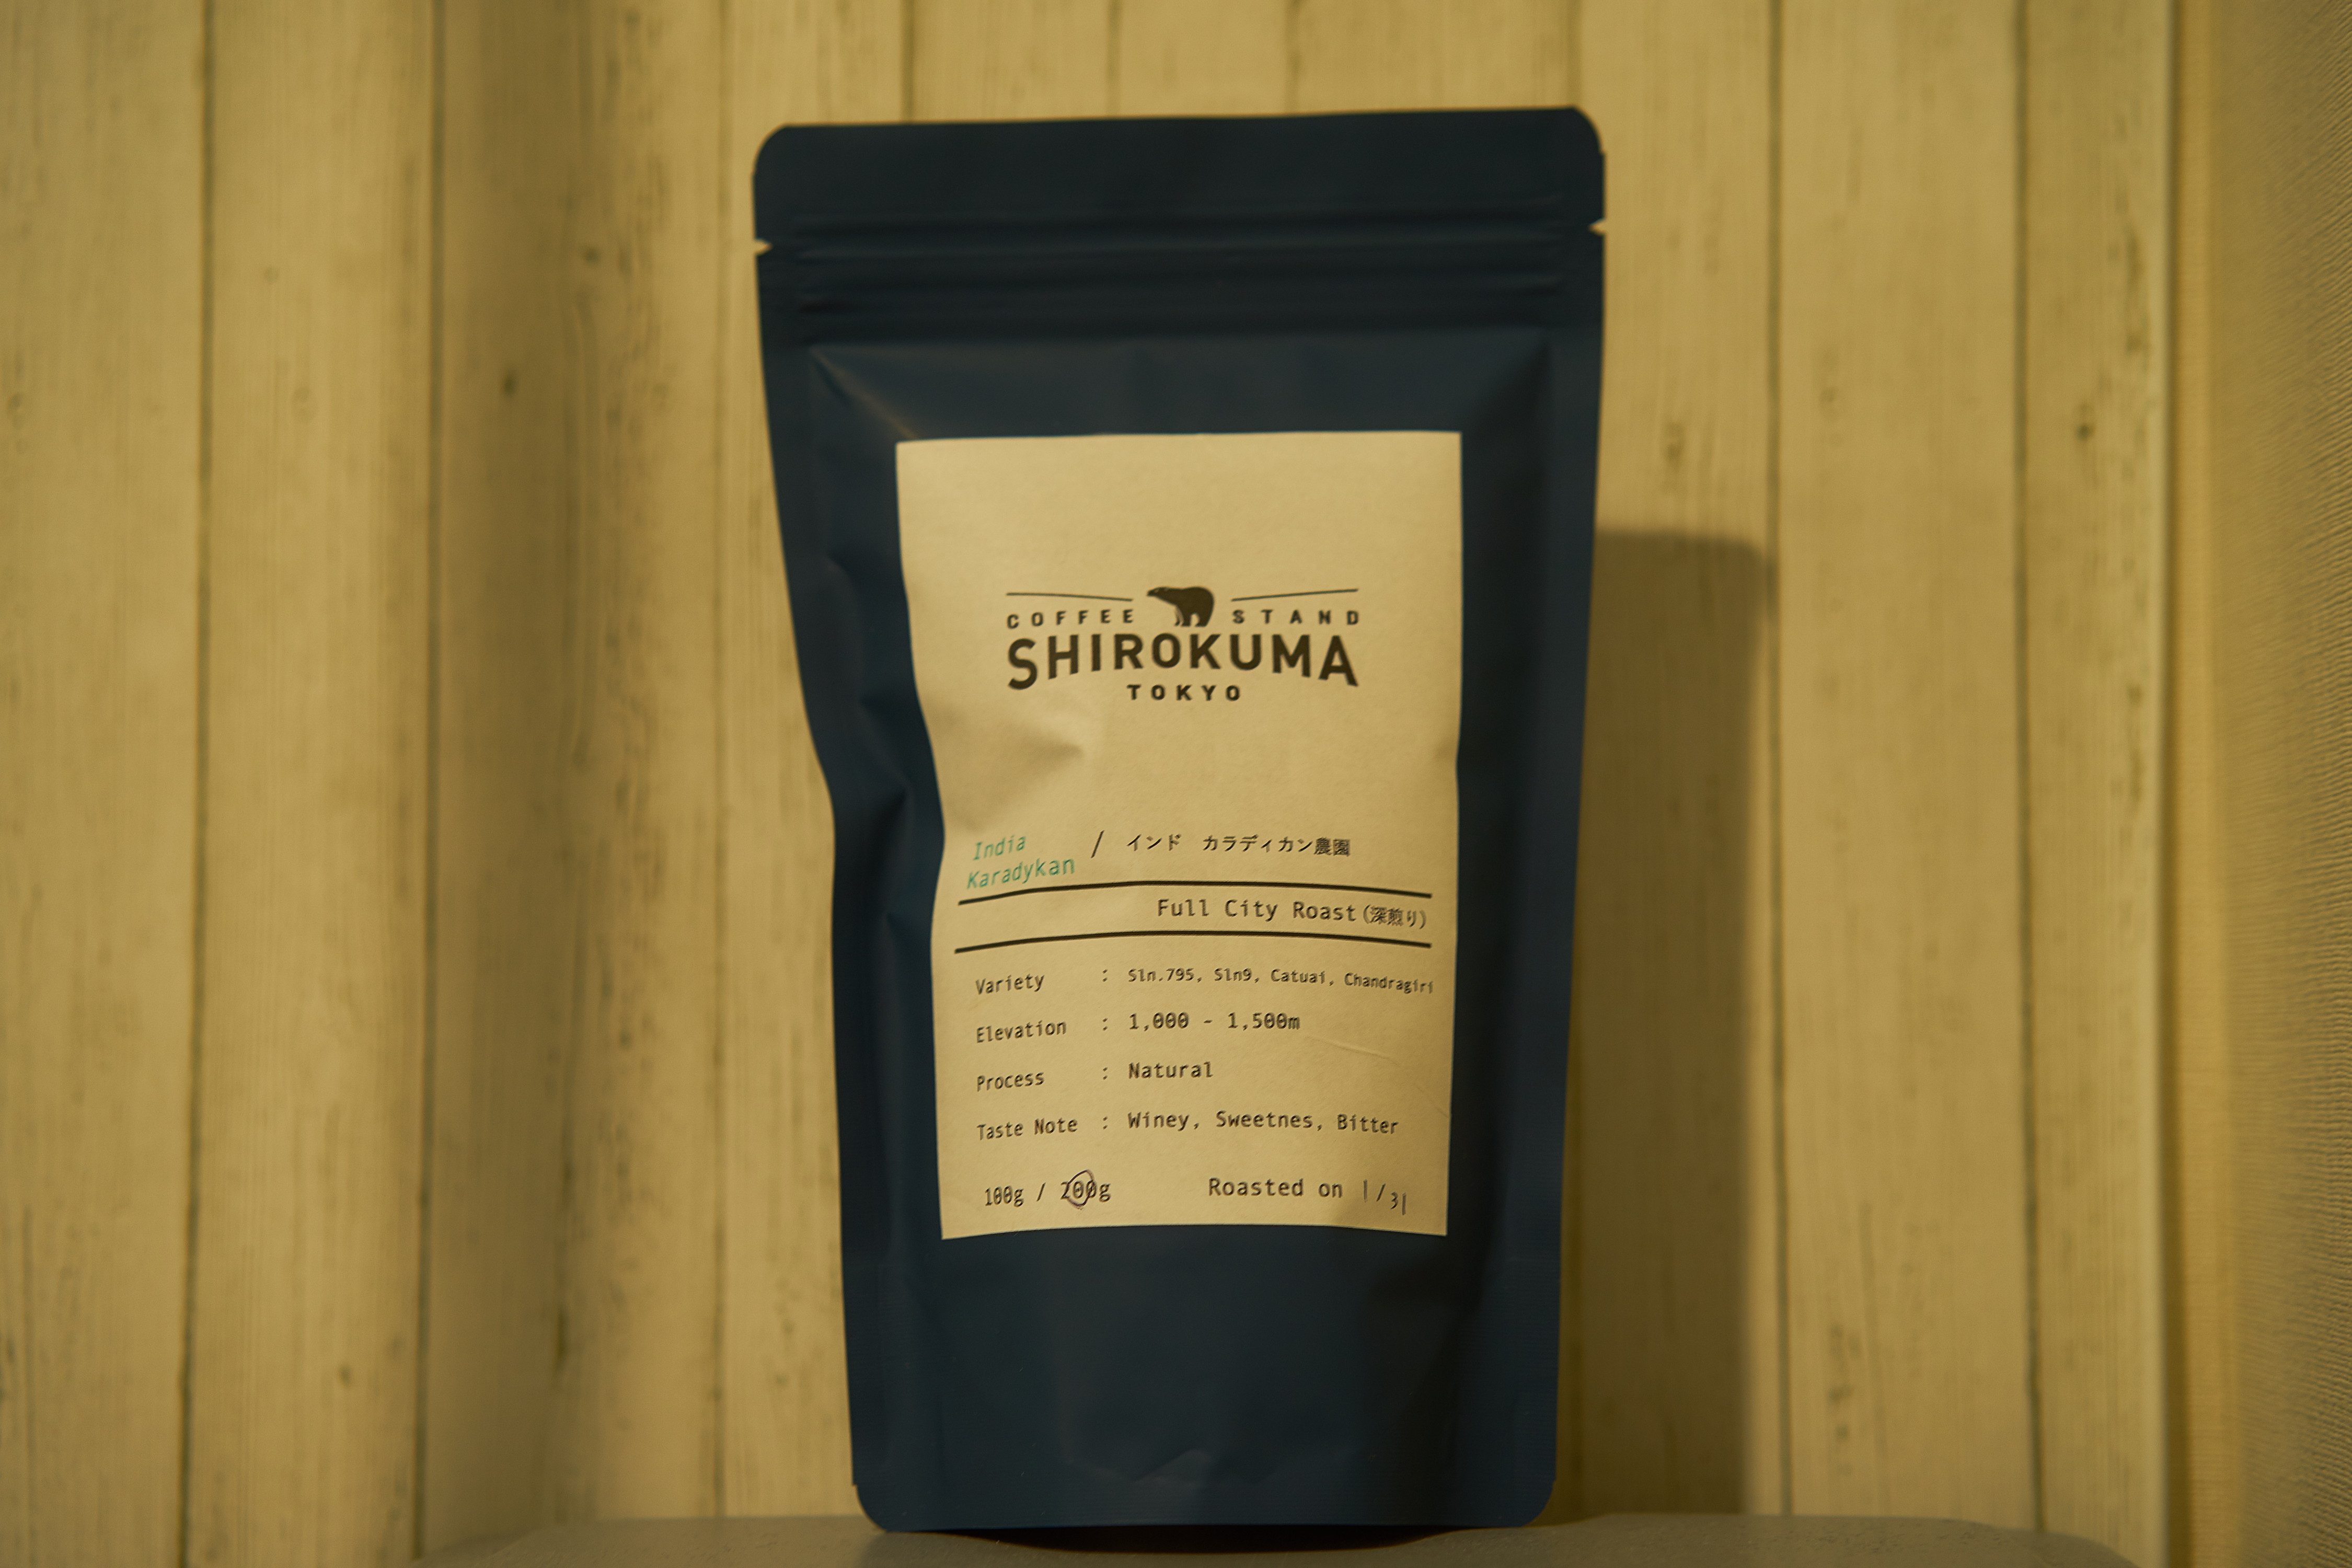 【今月のコーヒー】coffee stand shirokuma tokyo – インド カラディカン農園